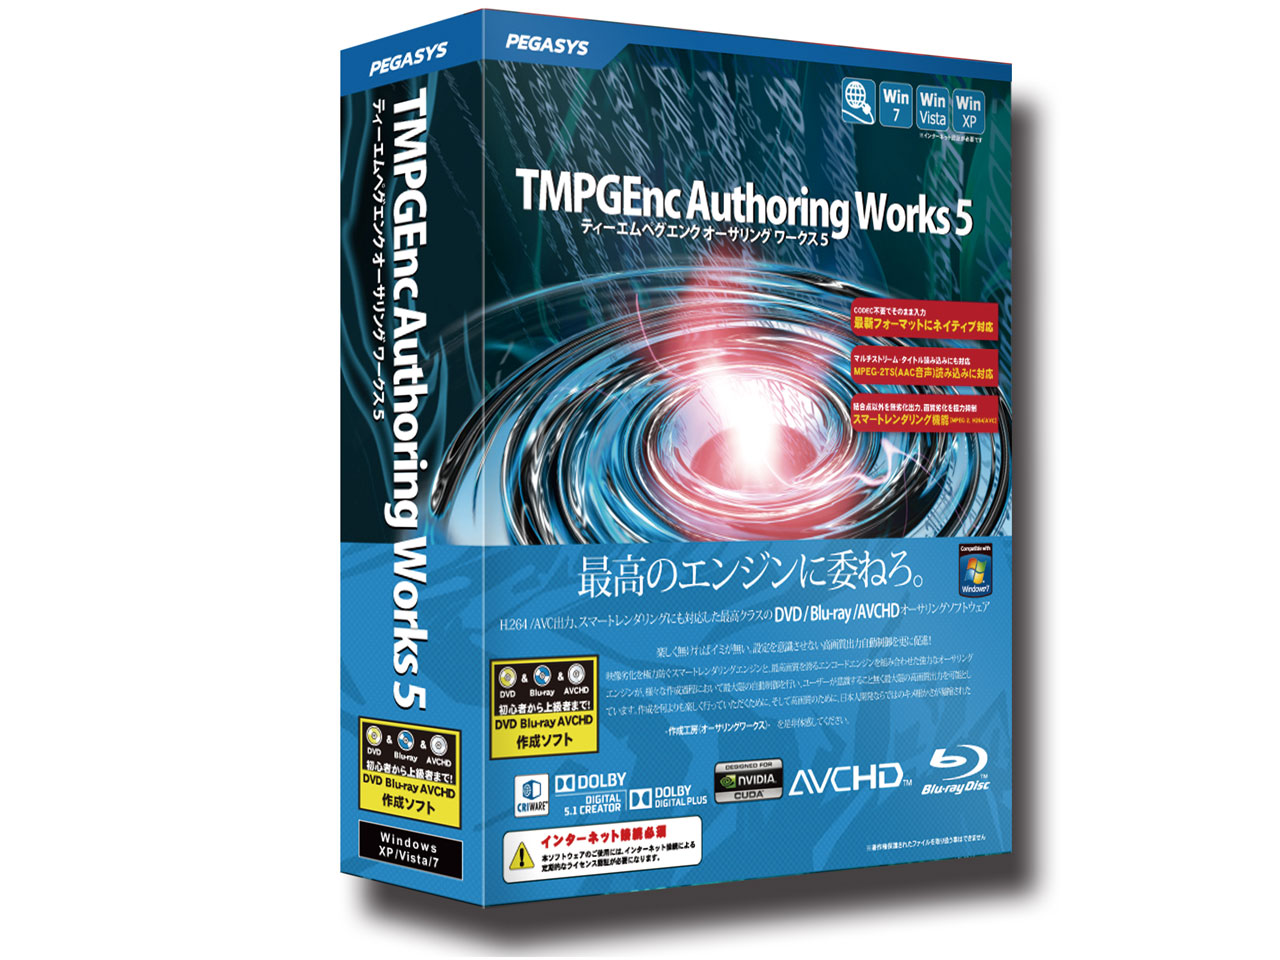 TMPGEnc Authoring Works 5 の製品画像